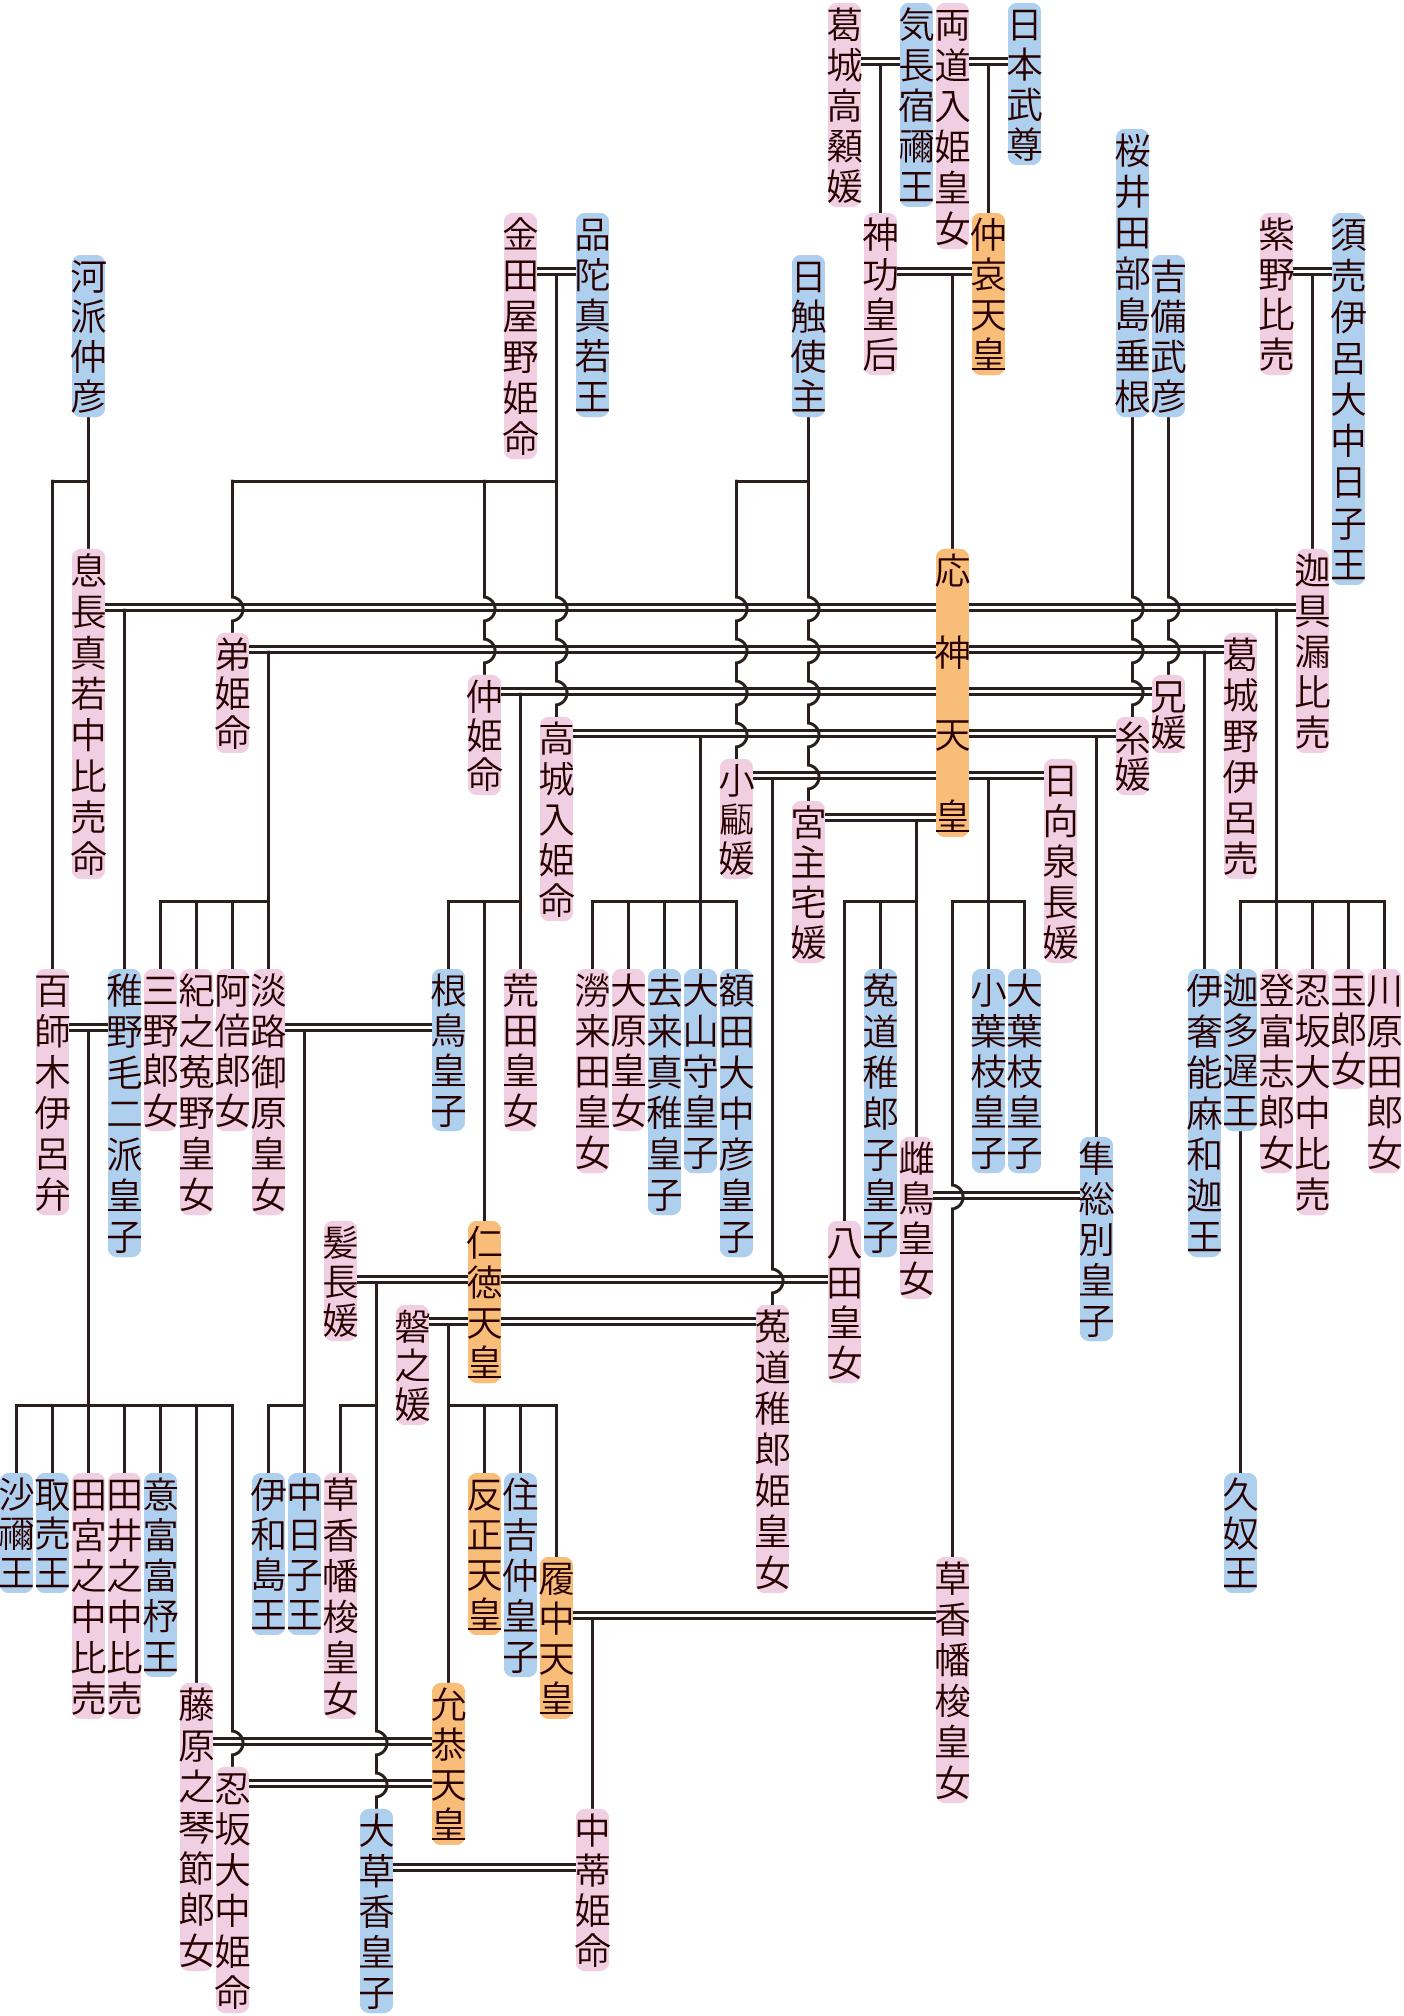 応神天皇の系図